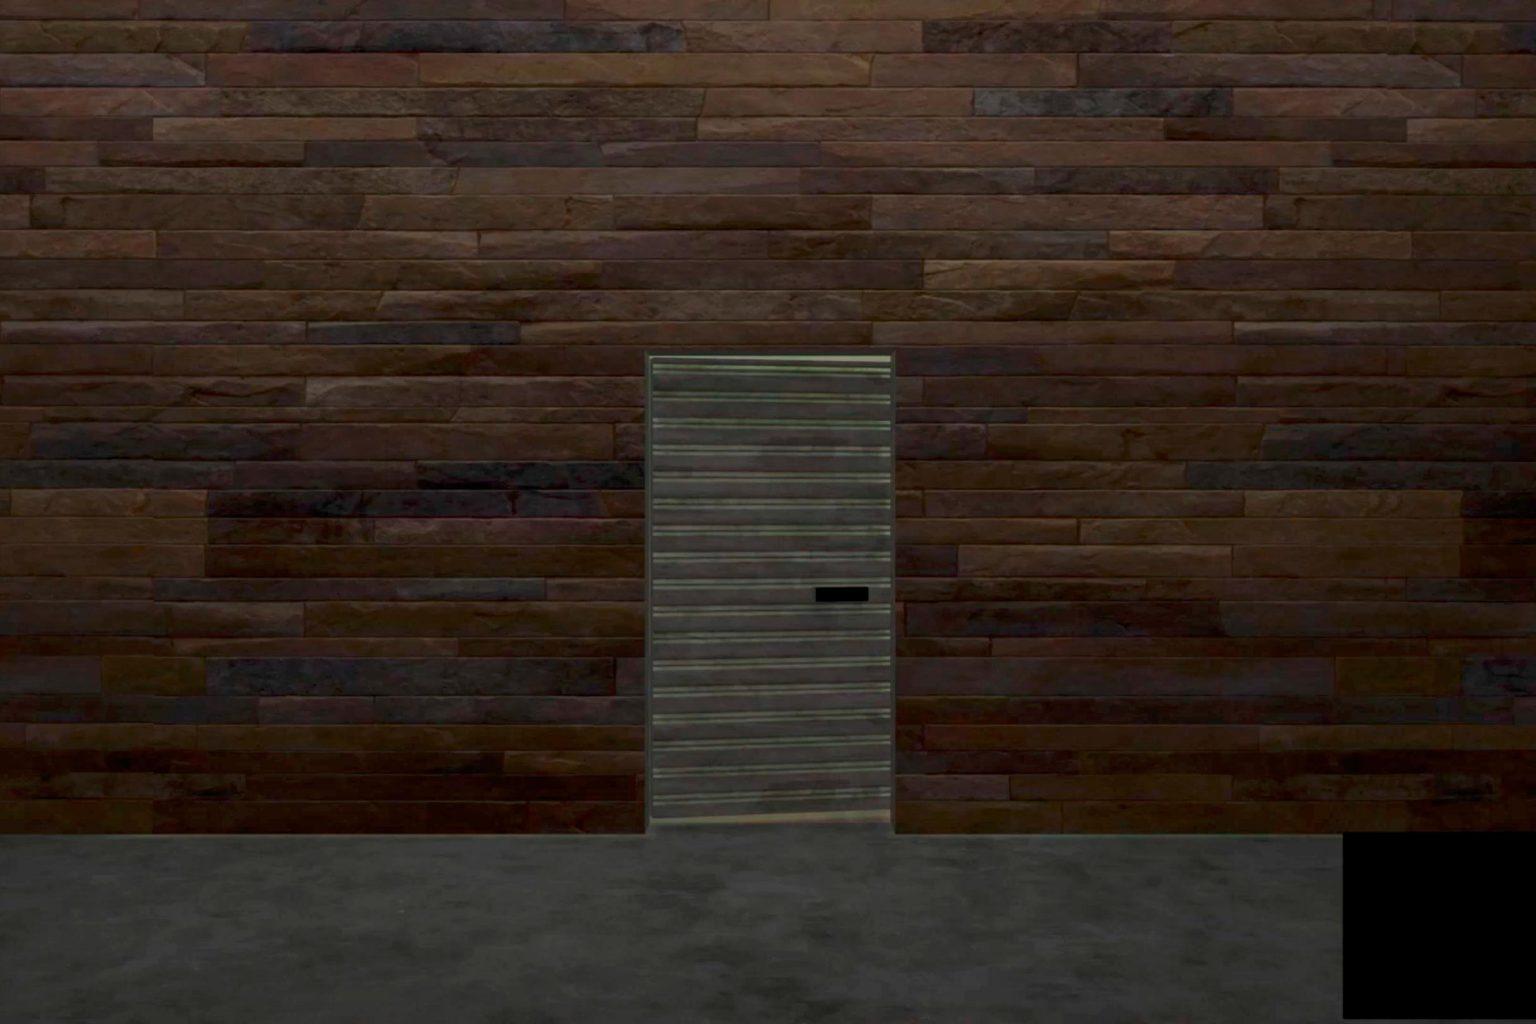 Wallpaper FREE videoarte Luka Bagnoli Zeroscena